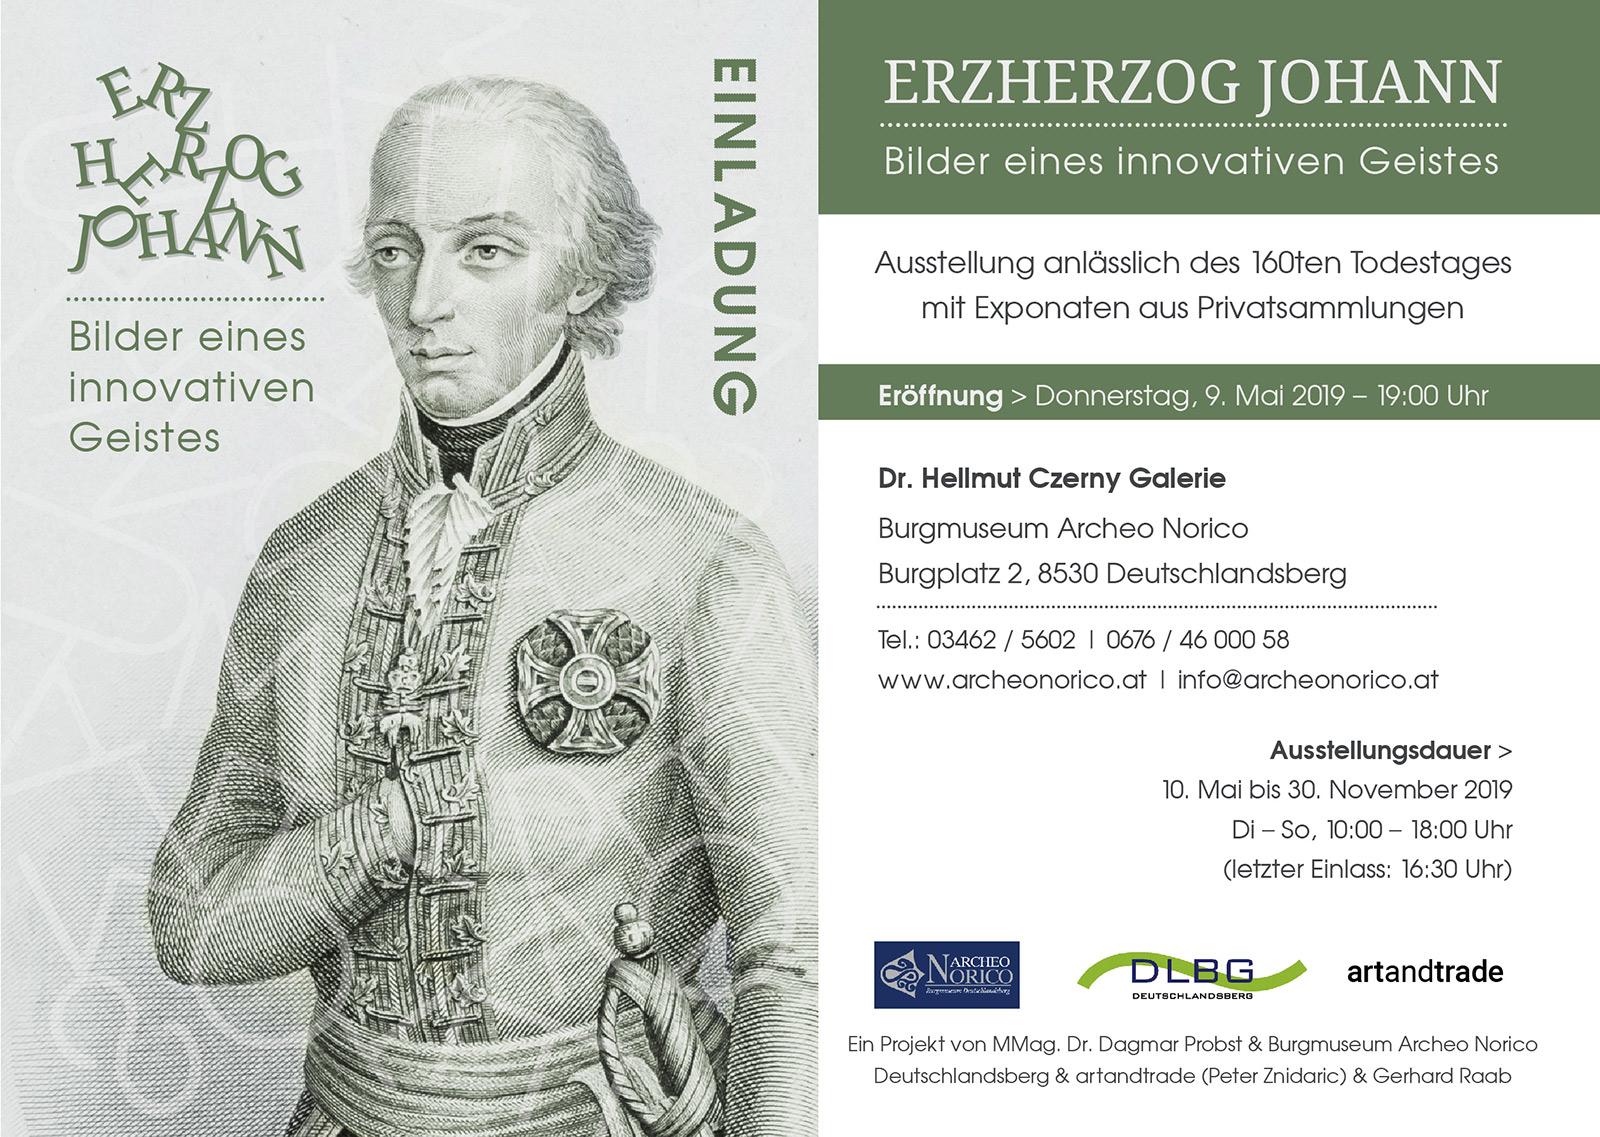 Expo Erzherzog Johann 10.Mai – 30. November 2019